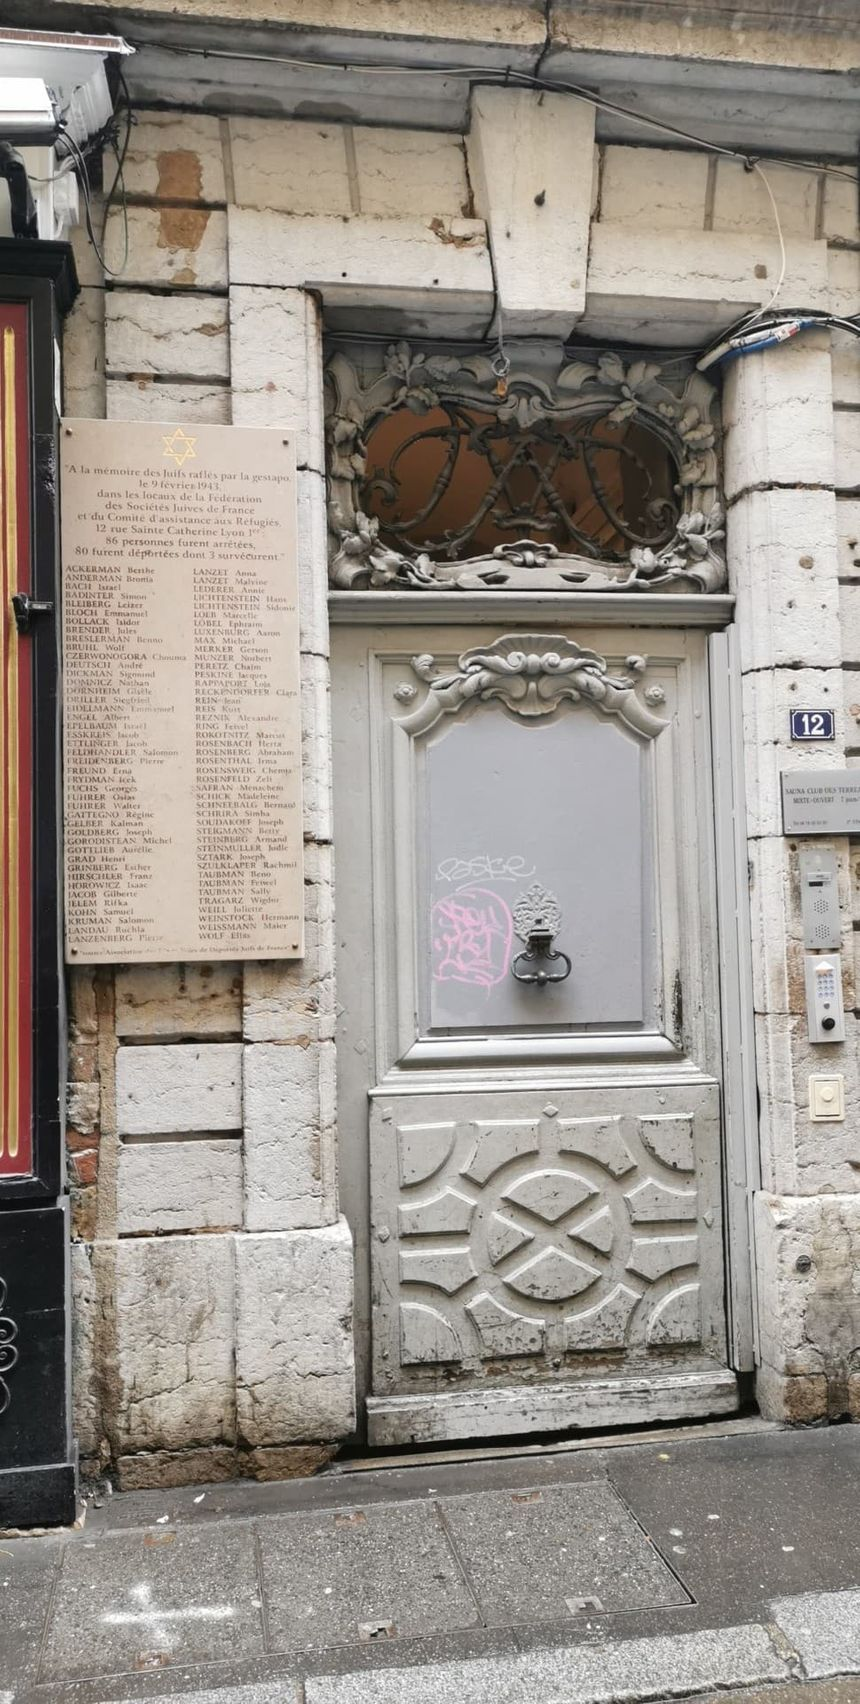 La plaque a été nettoyée par les services municipaux de la ville de Lyon lundi après-midi